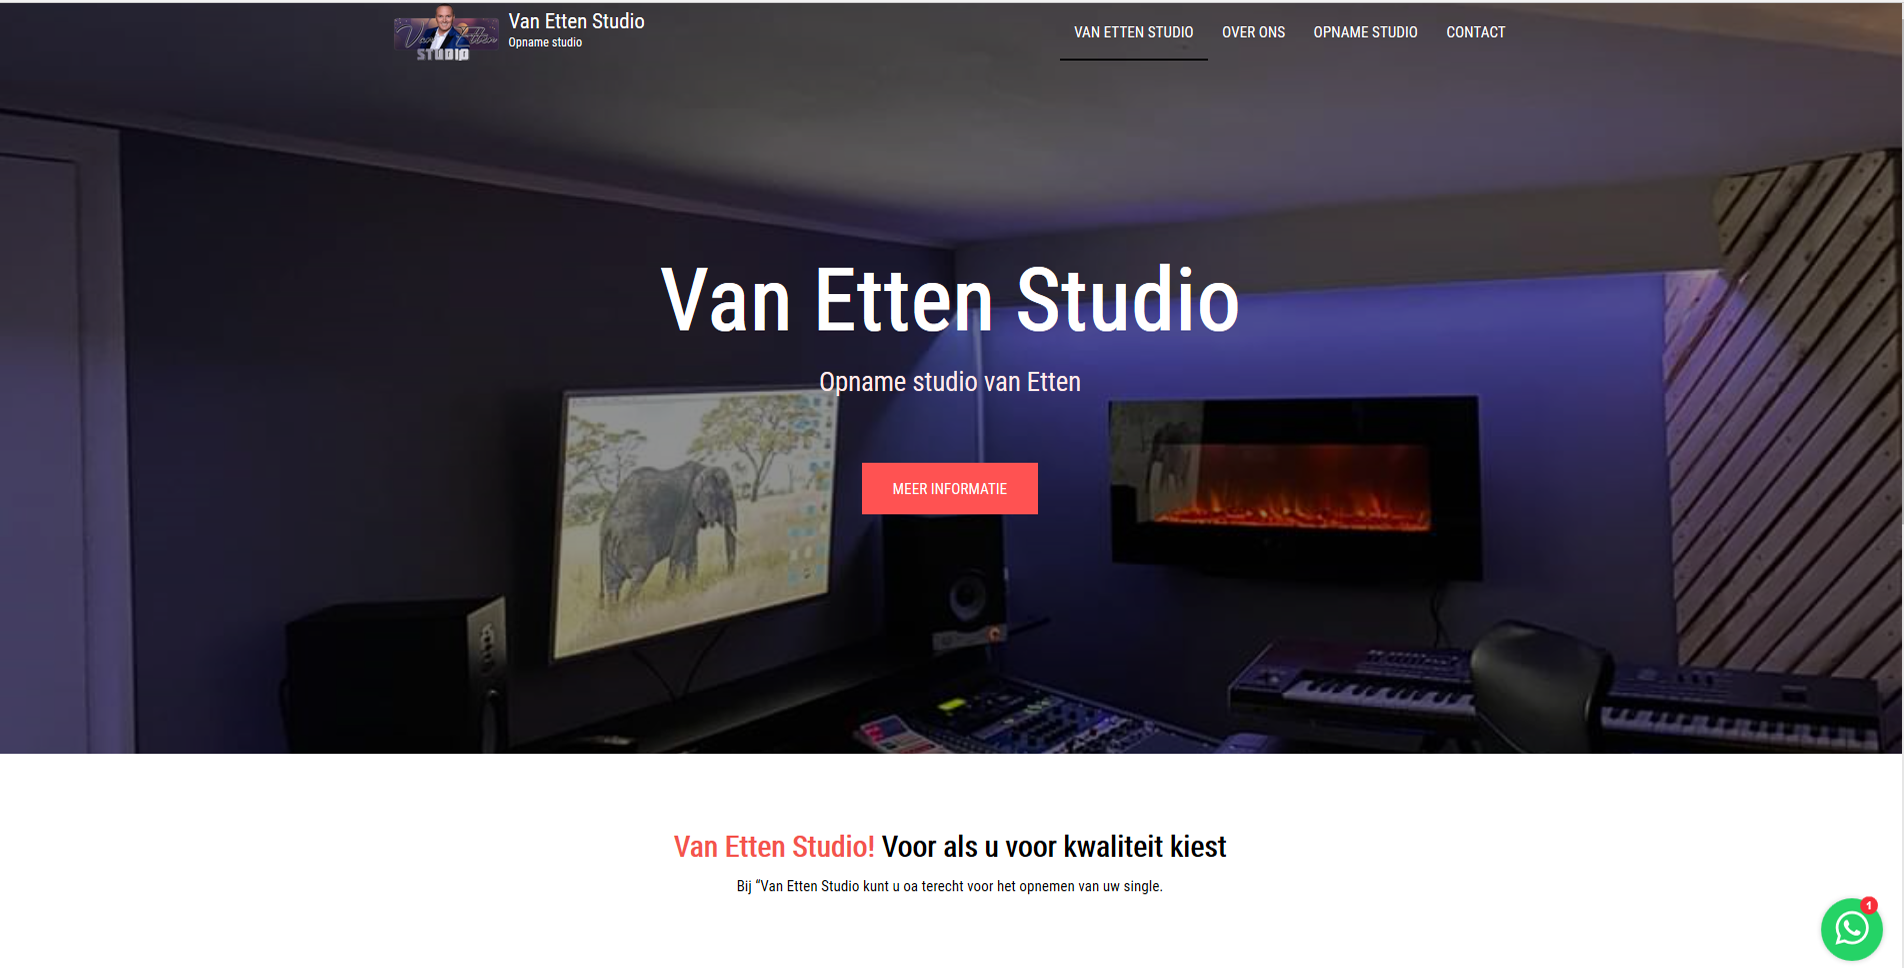 Van Etten Studio